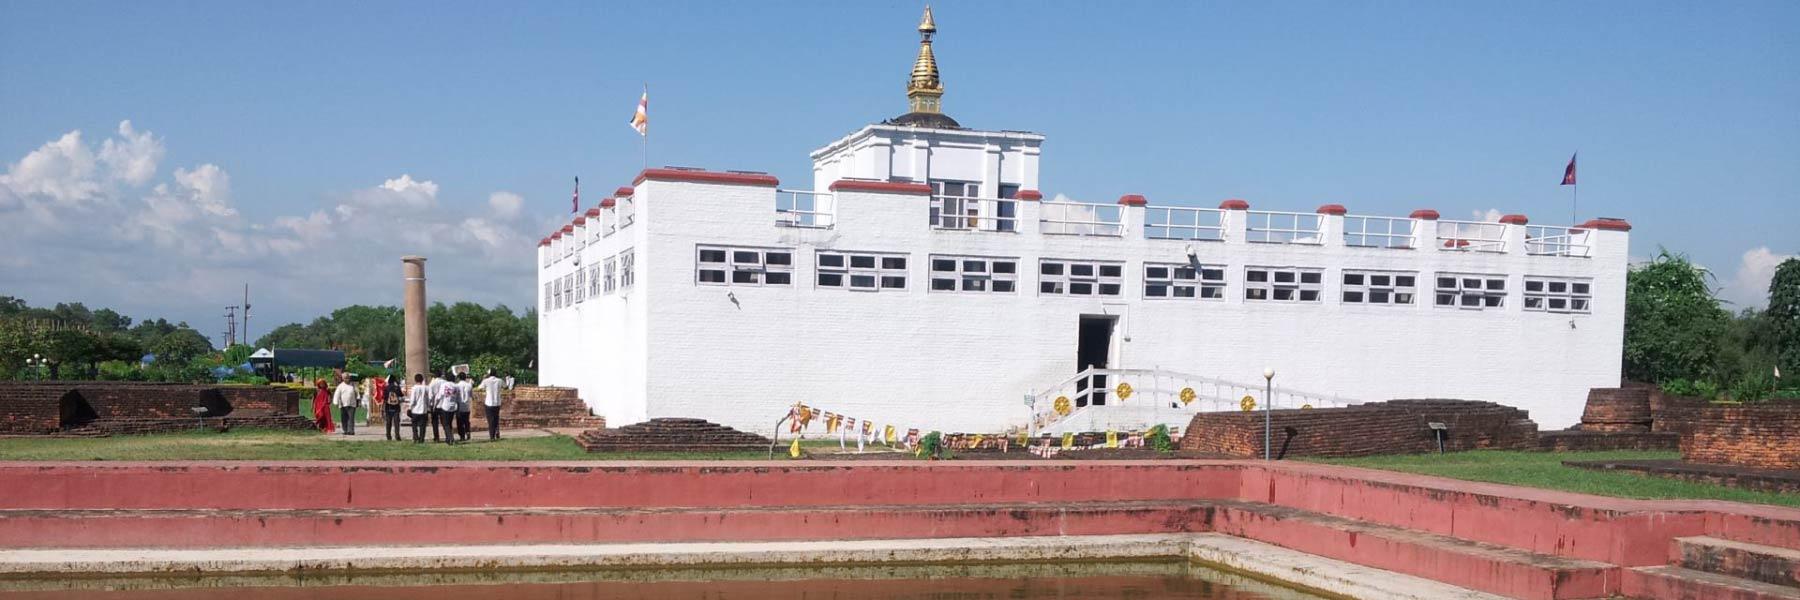 लुम्बिनीमा मायादेवी मन्दिर खुलाः पर्यटकको चहलपहल सुरु